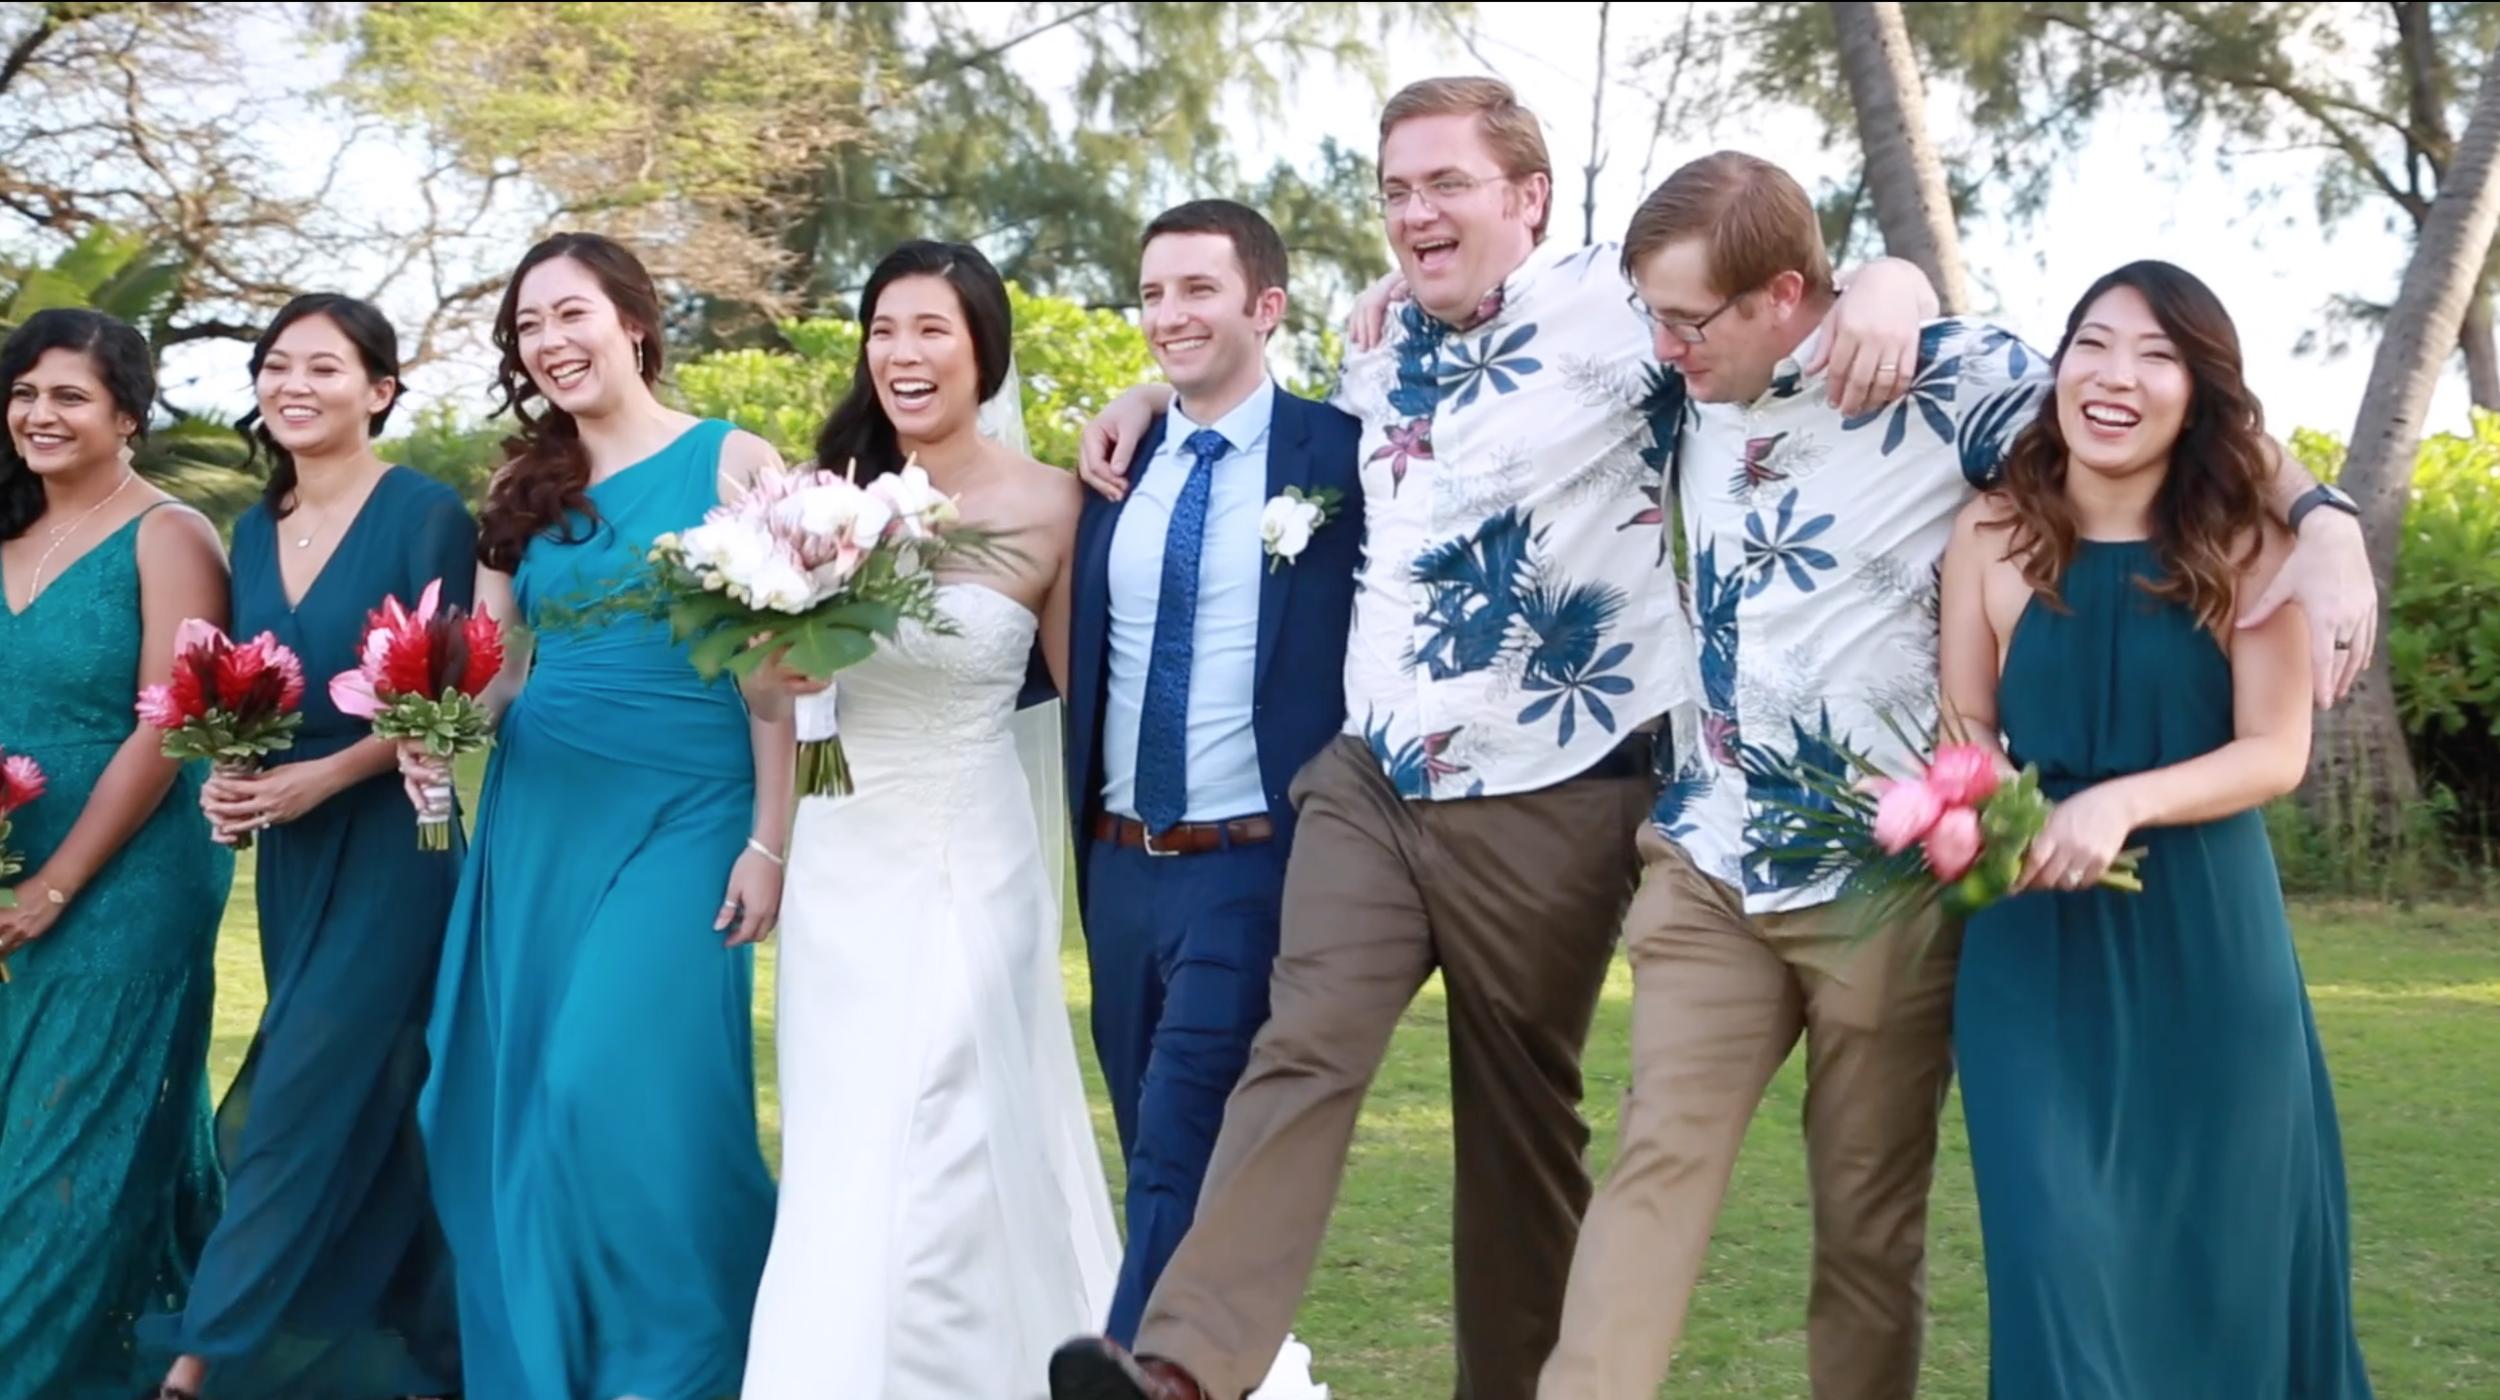 Hawaii bridal party pics